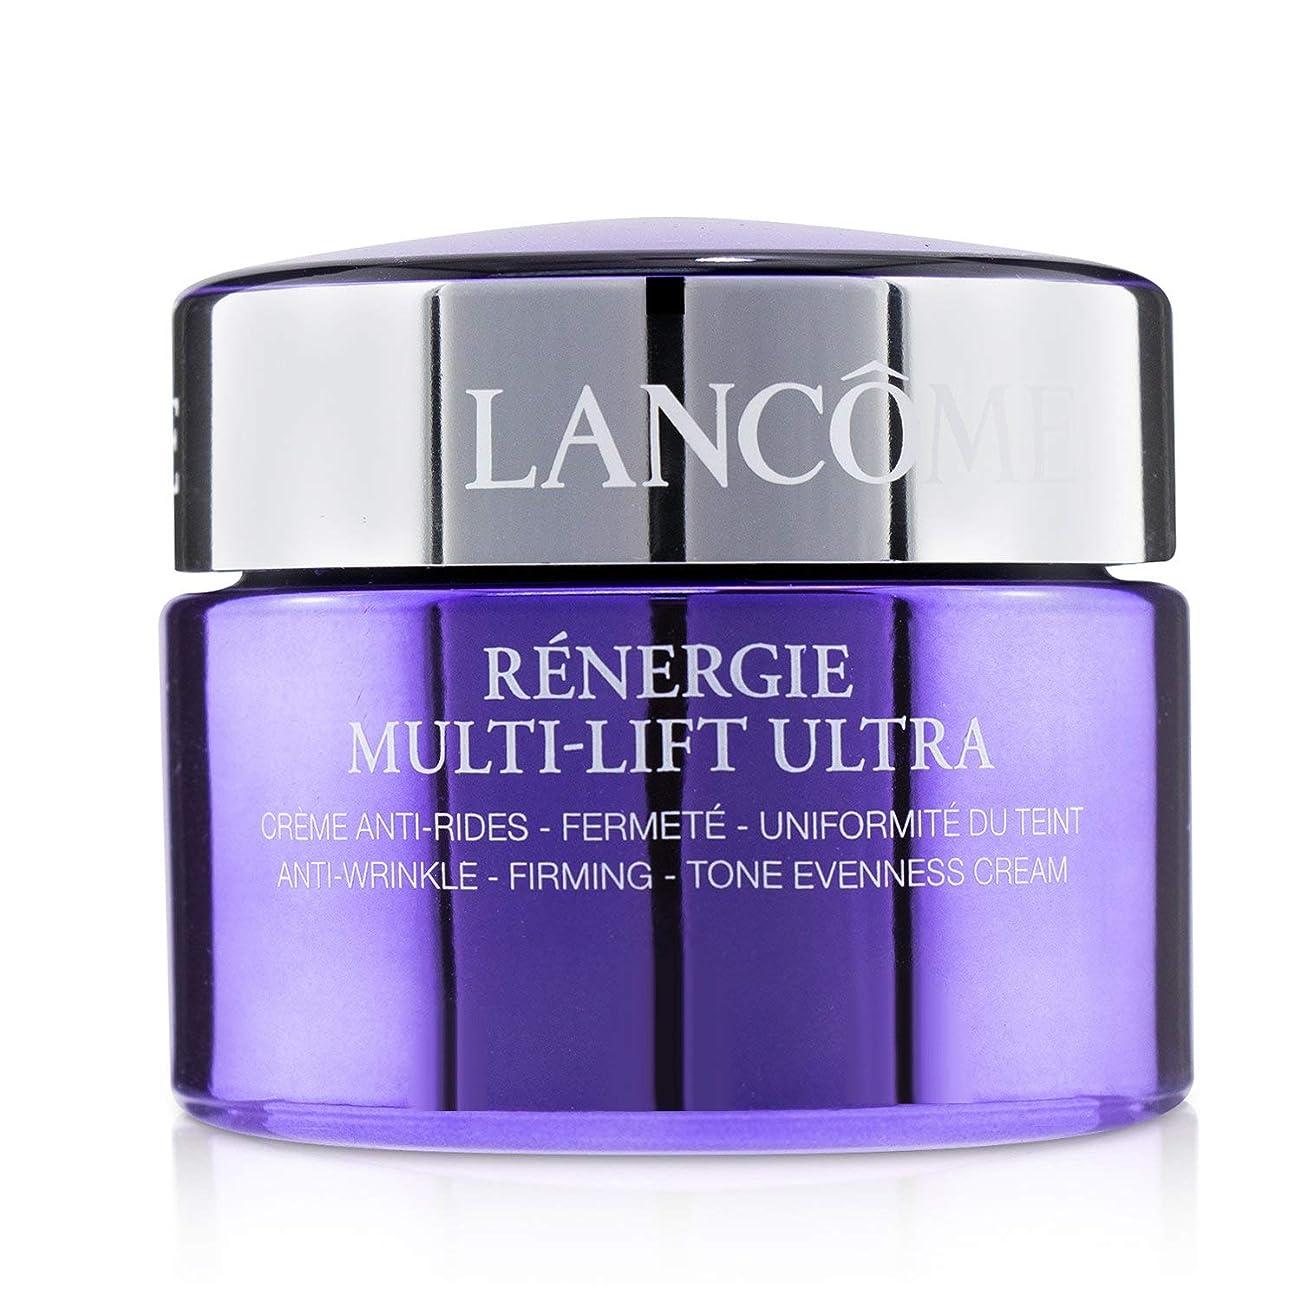 繊毛バックオプションランコム Renergie Multi-Lift Ultra Anti-Wrinkle, Firming & Tone Evenness Cream 50ml/1.7oz並行輸入品